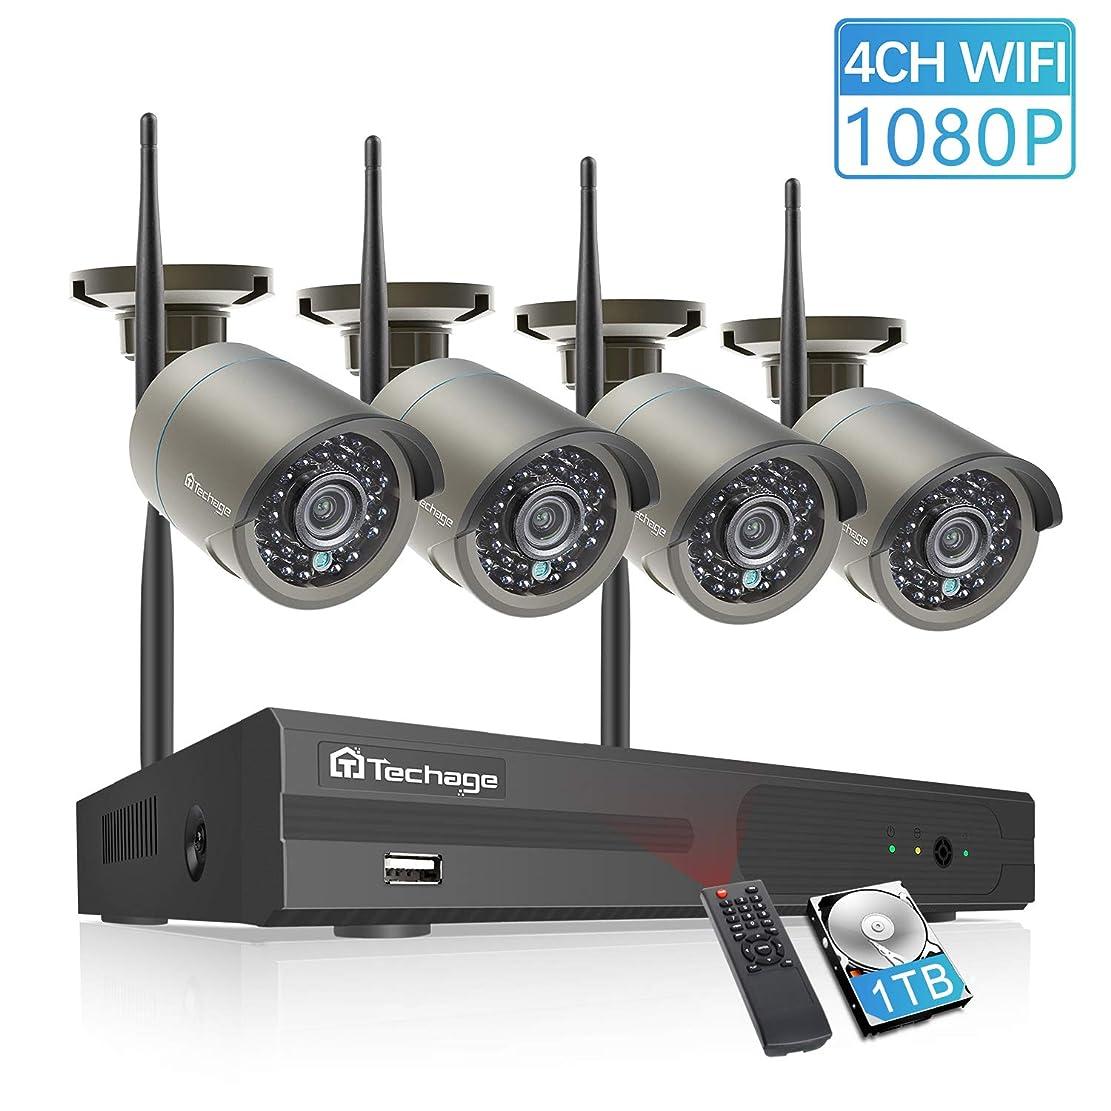 リース理論応援するTechage ワイヤレス 防犯カメラセット 200万画素 1080P 4チャンネルNVR システム IP66防水防塵 wifi監視カメラ 無線 HD高画質 IP防犯キット H.265圧縮技術 常時録画 動体検知 遠隔監視 暗視対応 スマホ PC 配線不要 リモコン付き 屋内/屋外 1TB HDD内蔵 (200万画素カメラ4台+4チャンネル一体型本体+1TB HDD)